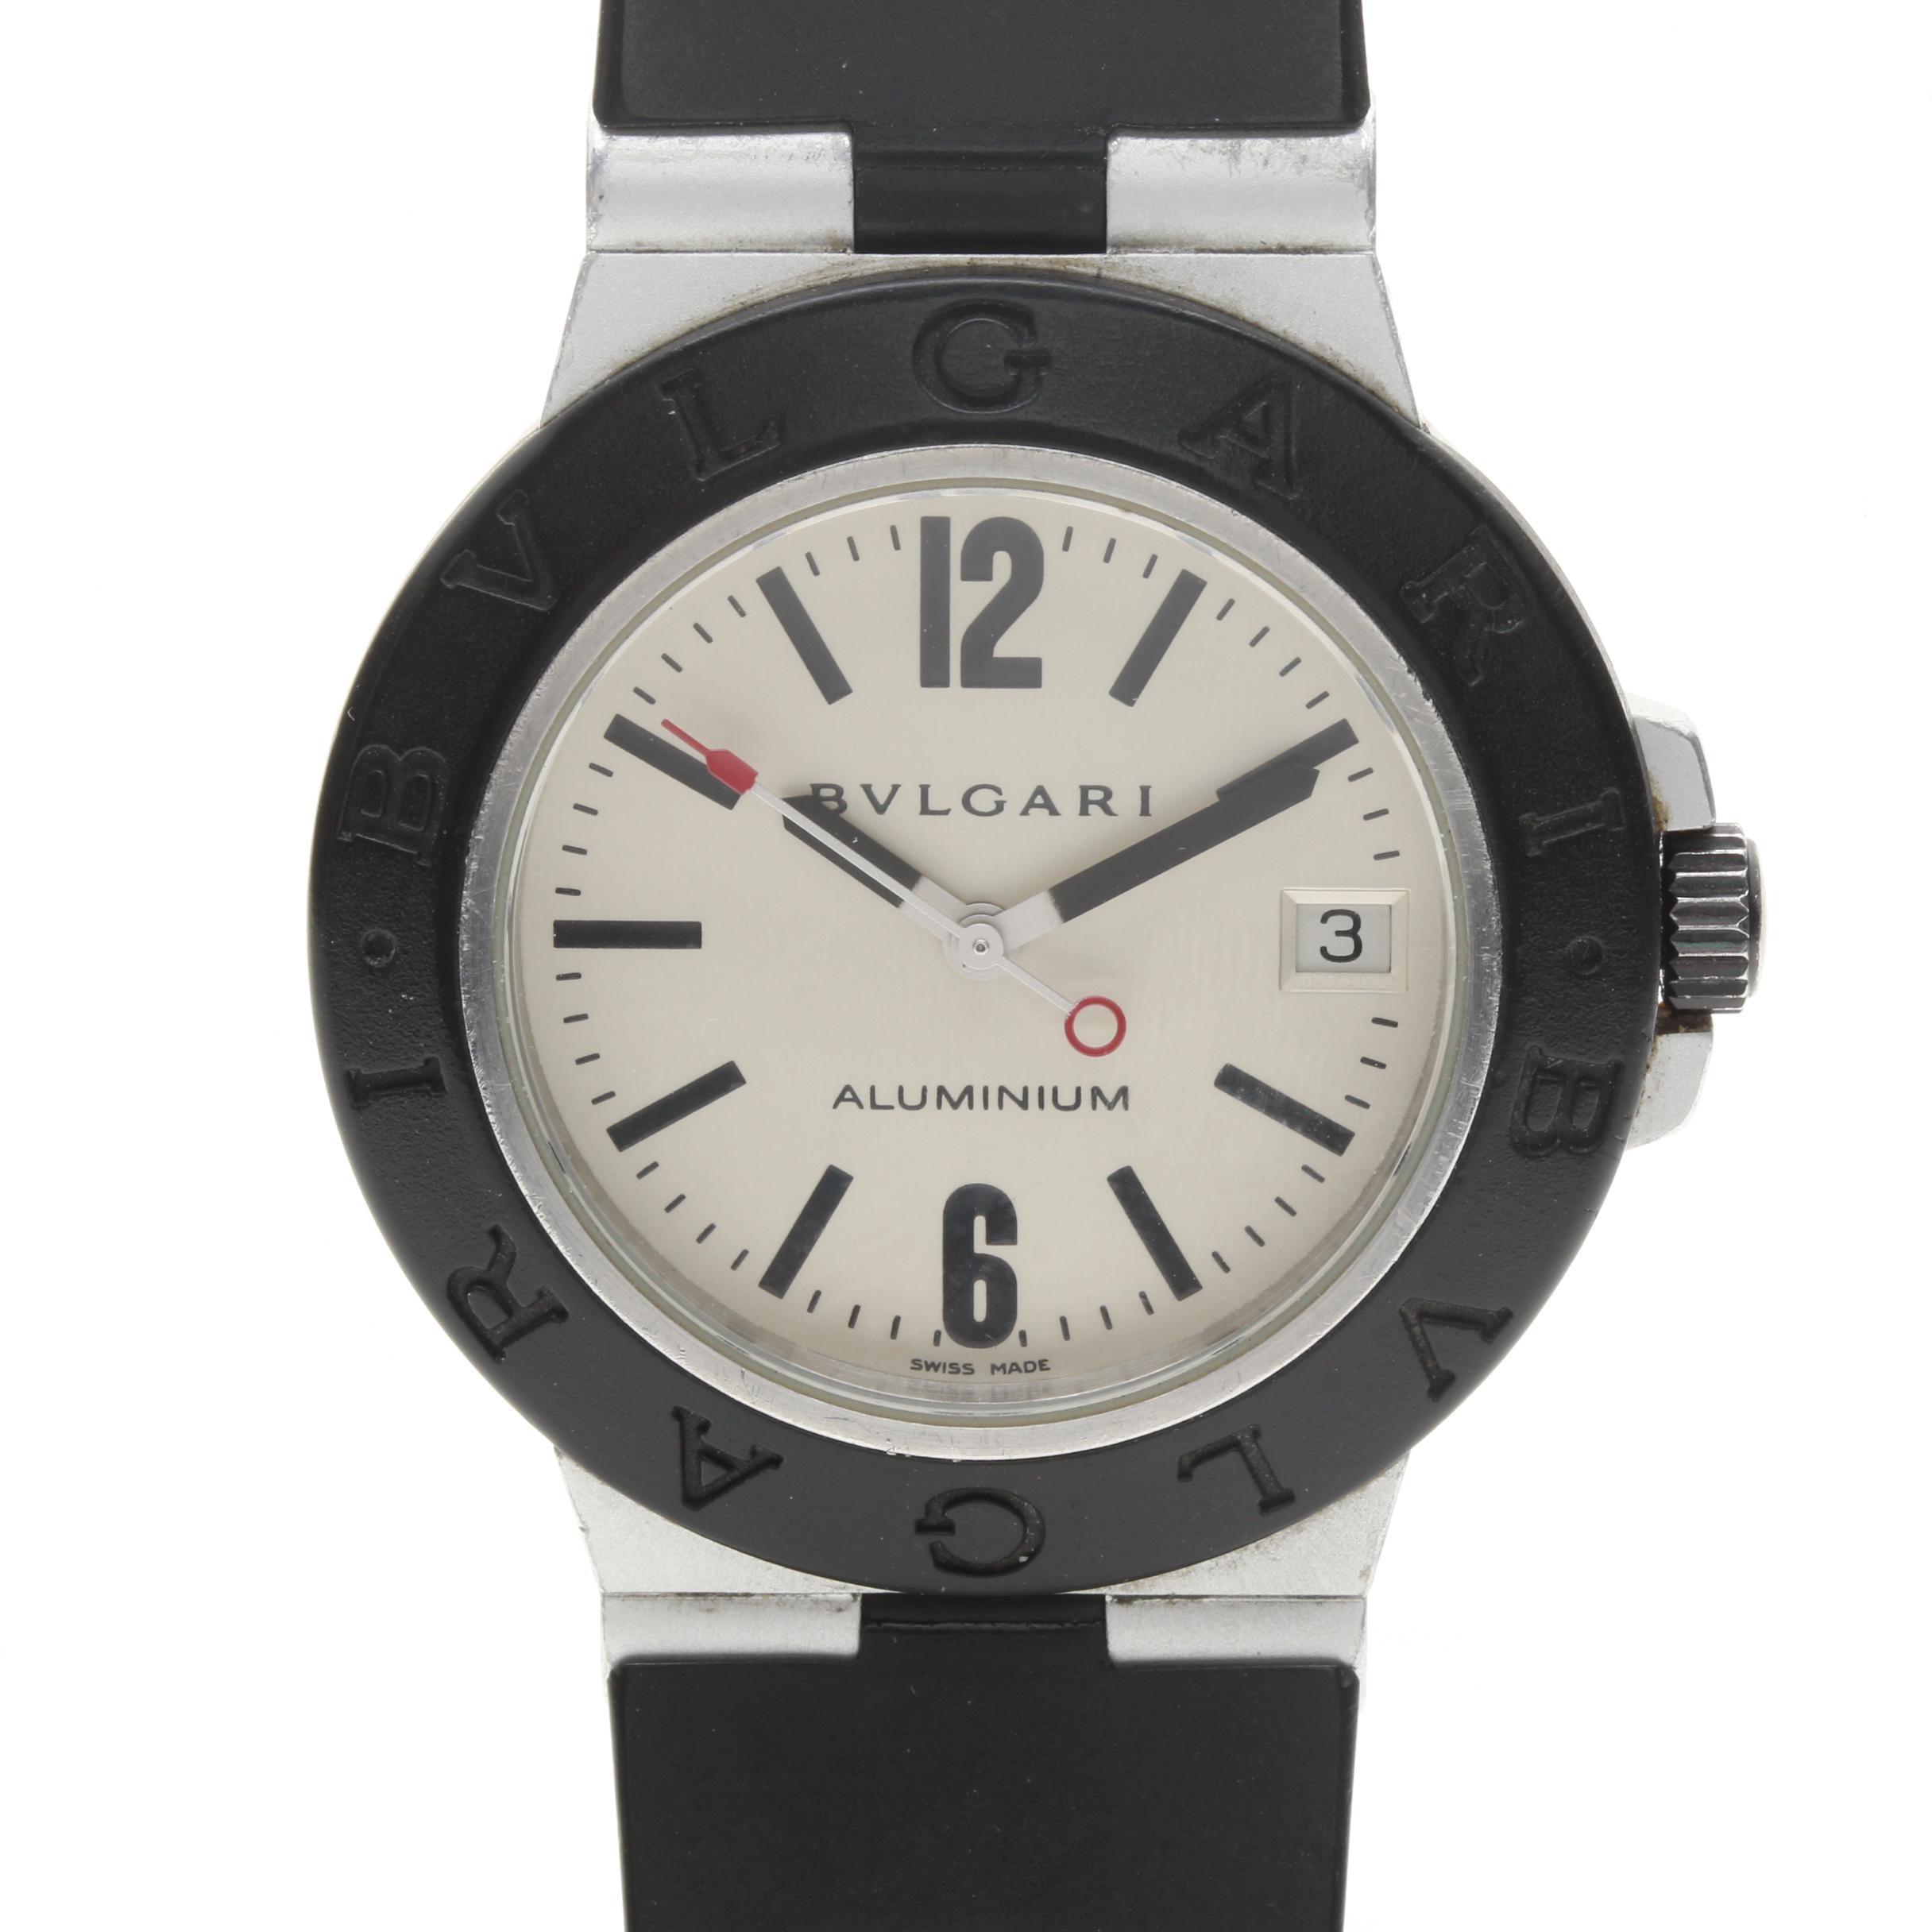 Bulgari Aluminum Wristwatch